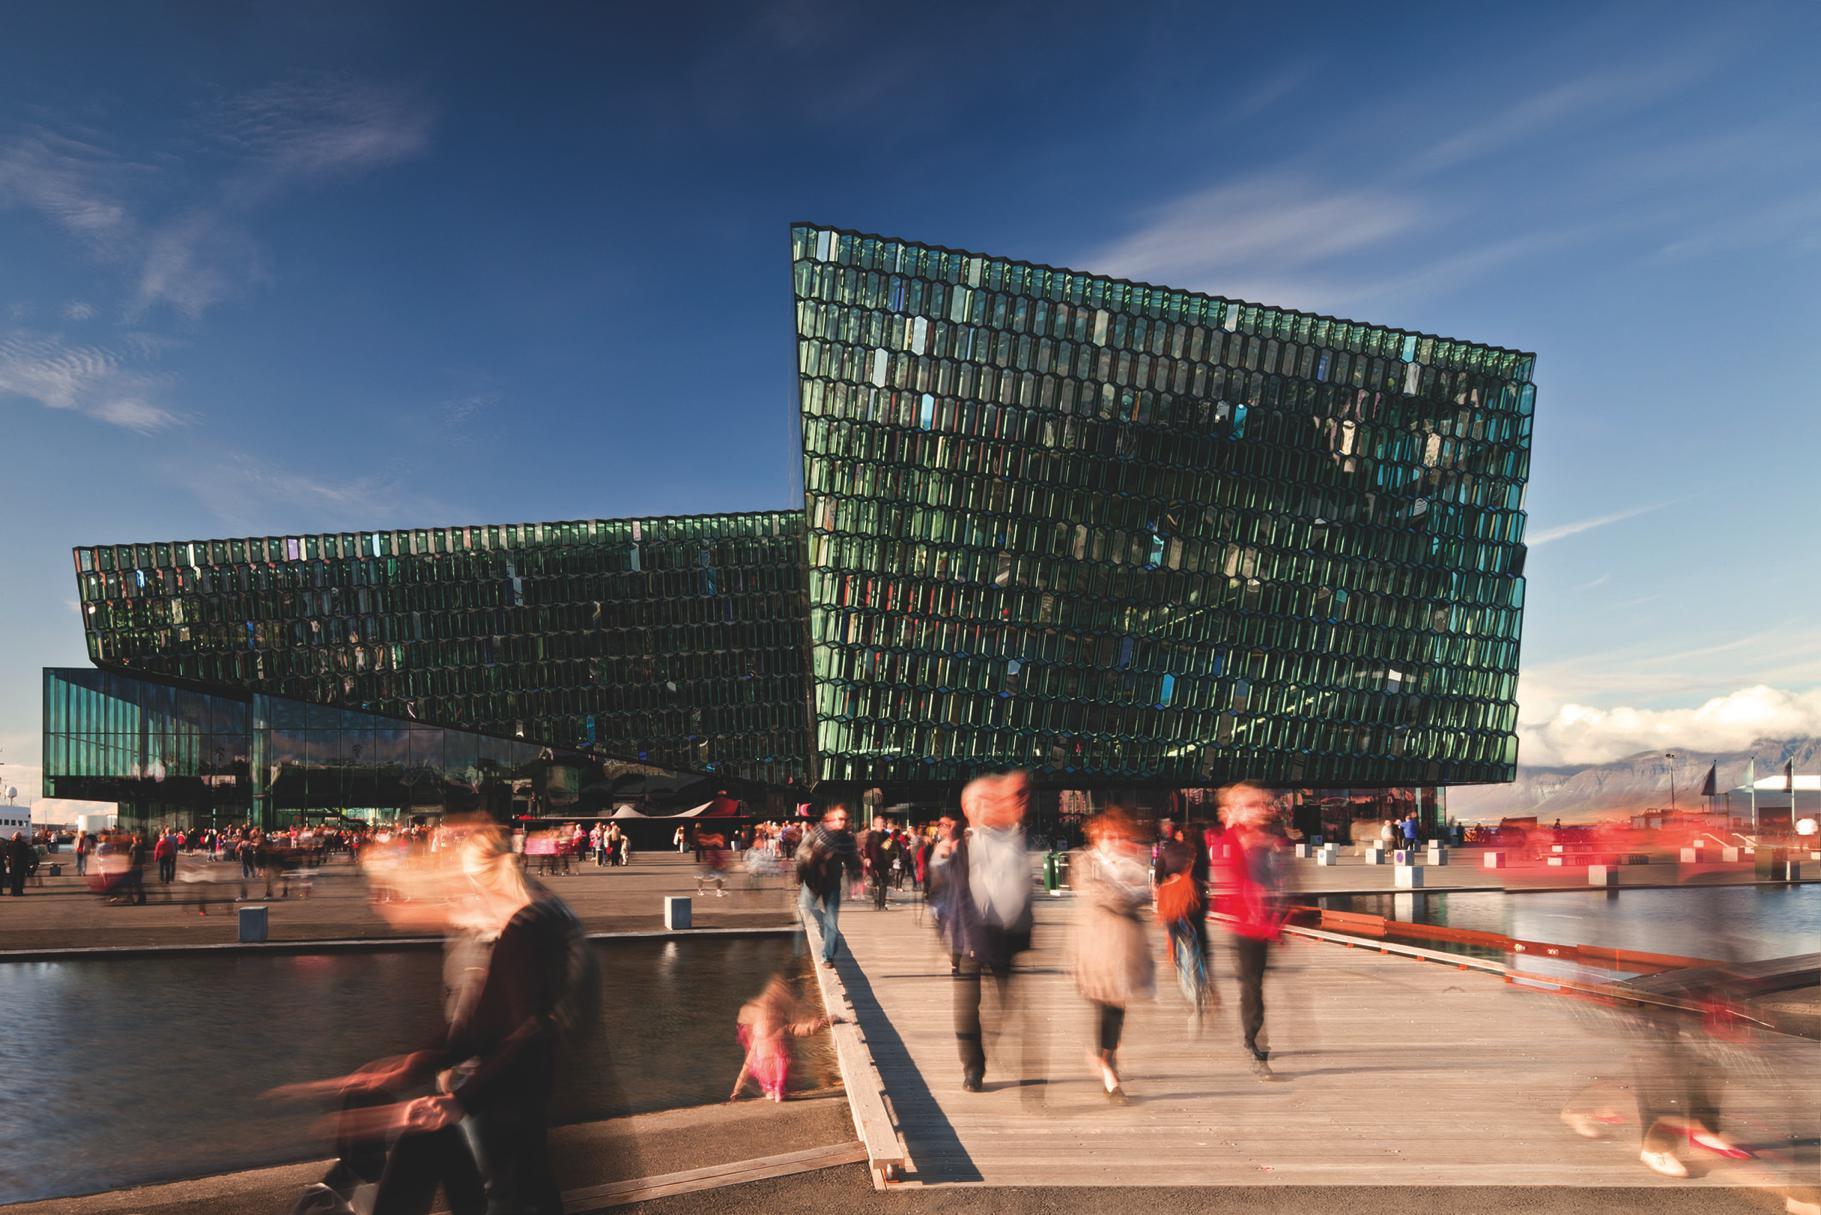 Henning Larsen Architects i Studio Olafur Eliasson, Sala koncertowa Harpa, Nagroda Unii Europejskiej w dziedzinie architektury współczesnej – Mies van der Rohe Award, 2013 (źródło: materiały prasowe organizatora)